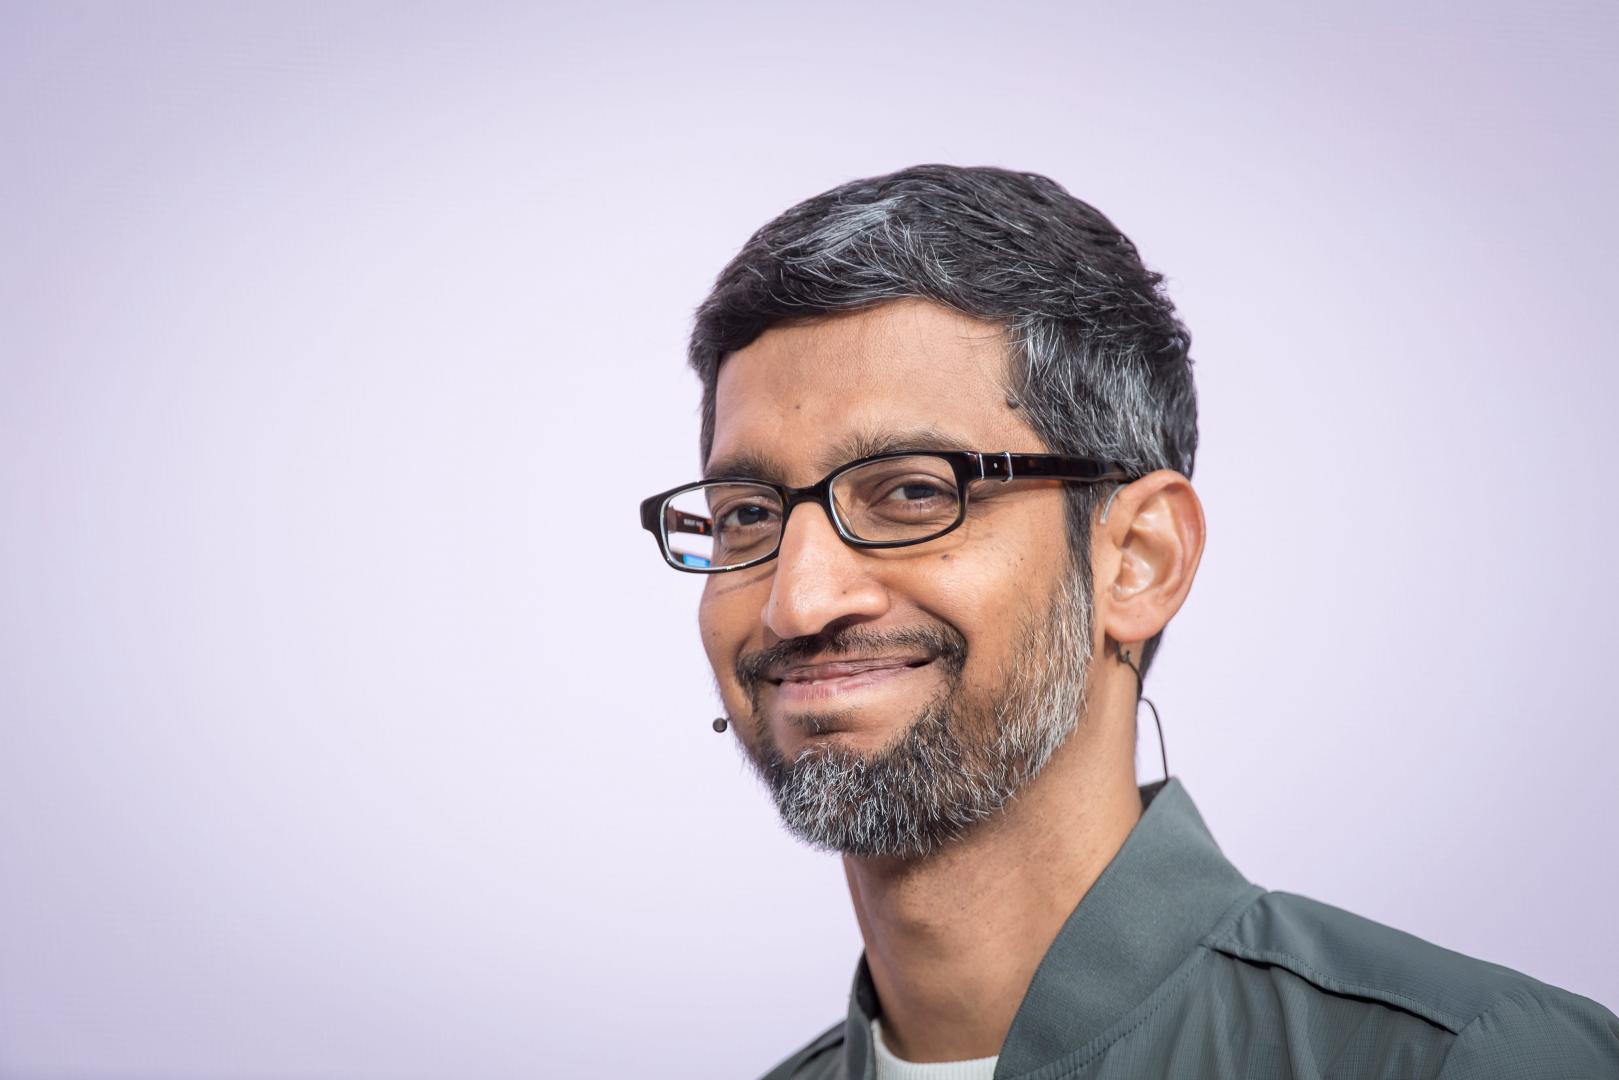 Изпълнителният директор на Google Сундар Пичай: безспорно изкуственият интелект се нуждае от регулация